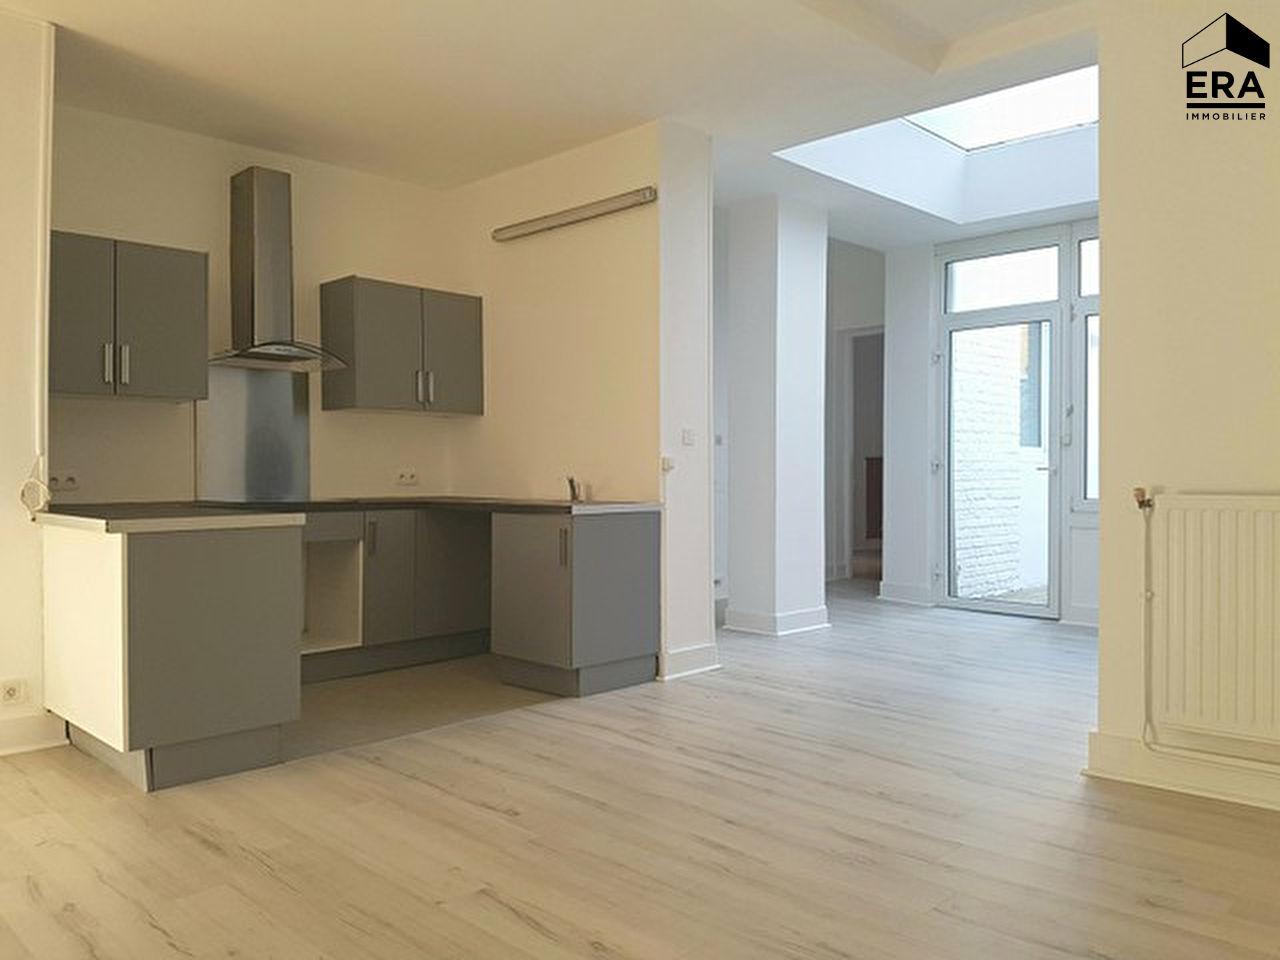 photo de A louer appartement refait a neuf secteur Calais Nord